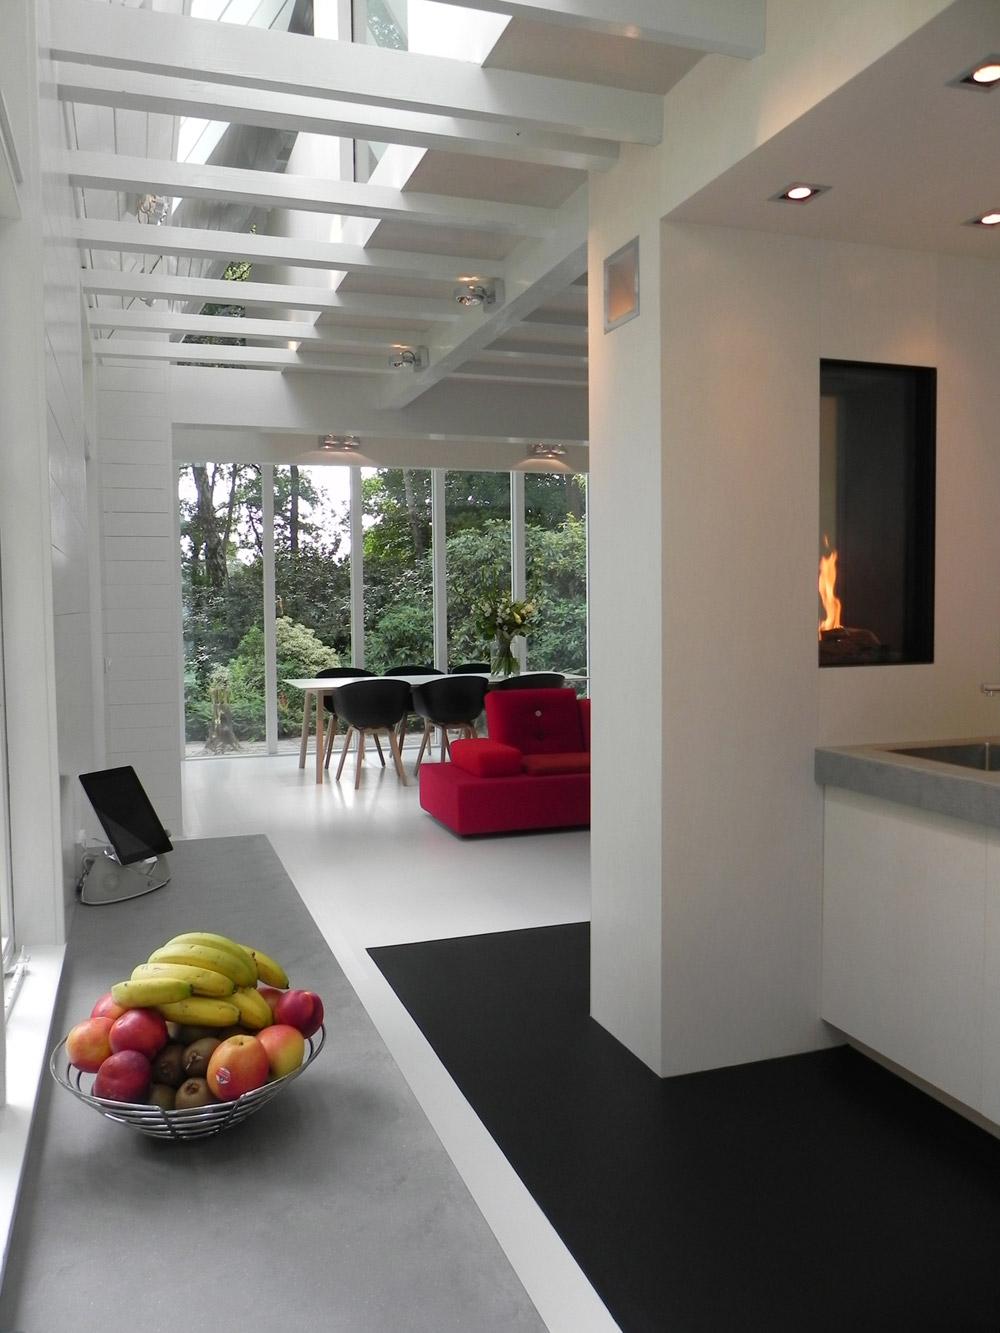 Favoloso La spettacolare ristrutturazione di una casa di campagna - Casa.it YZ38